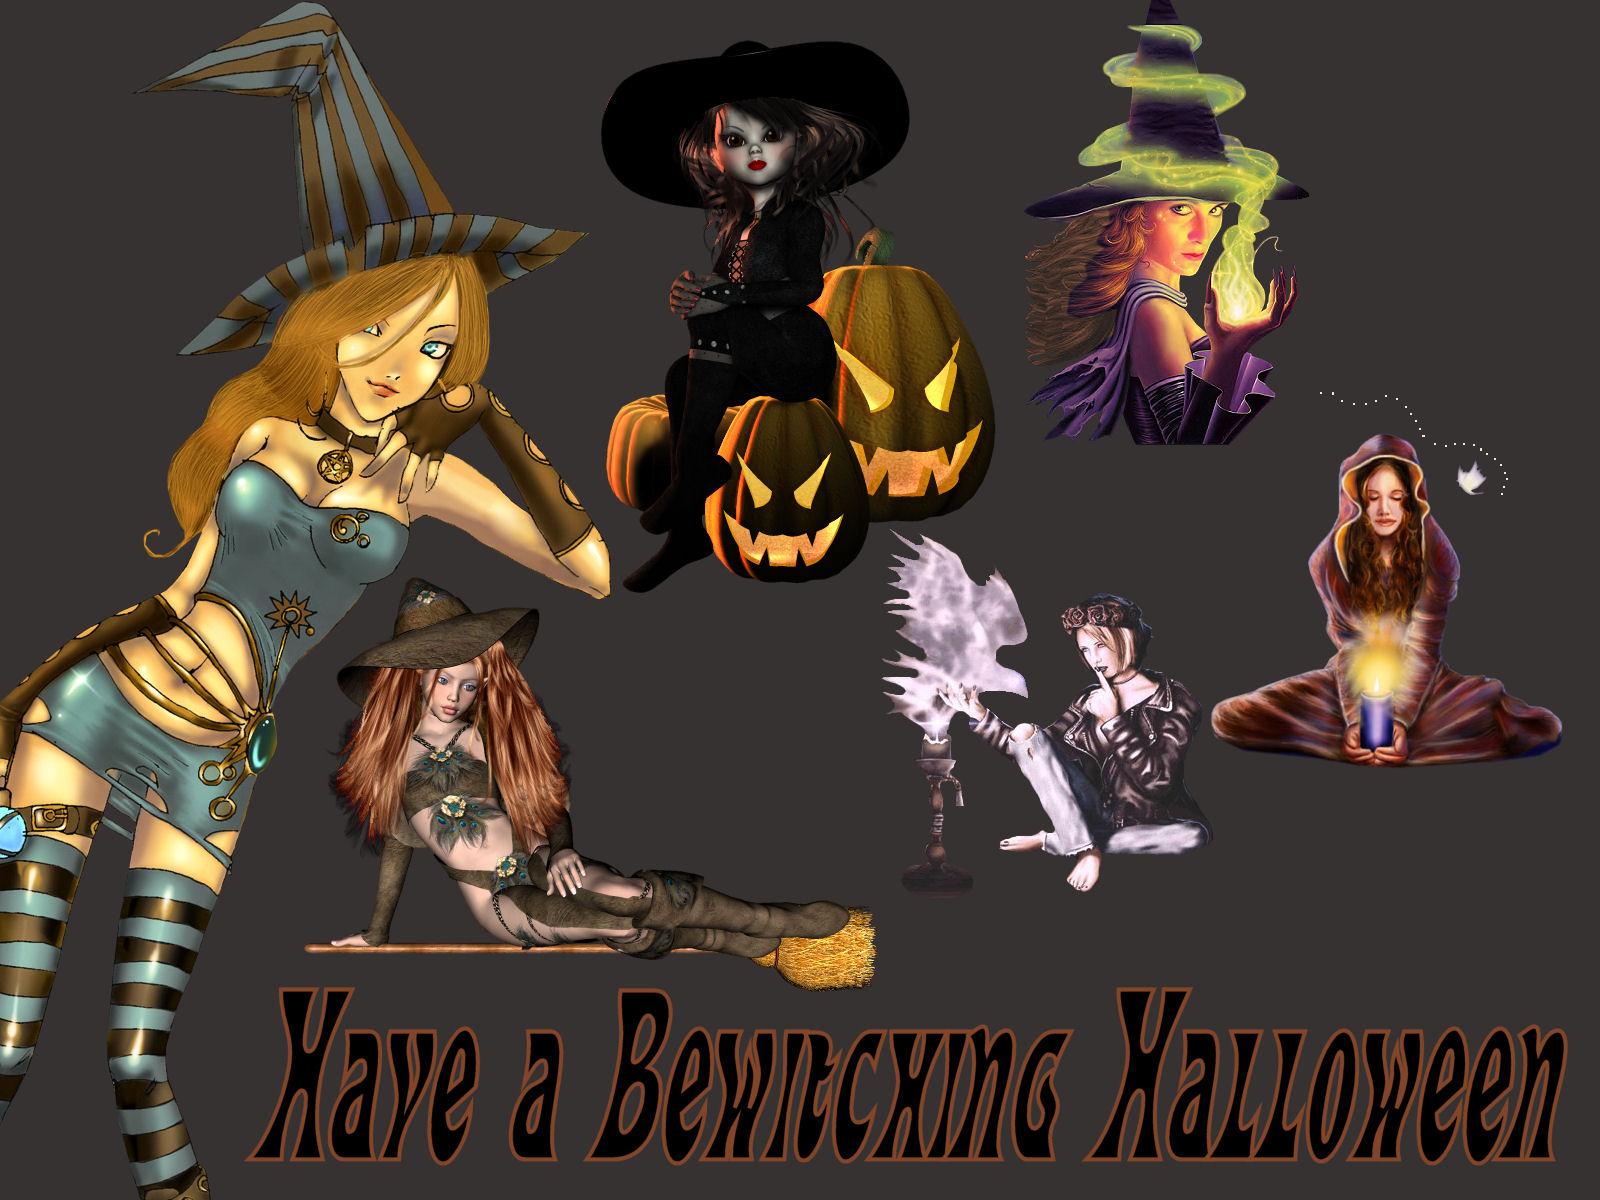 http://1.bp.blogspot.com/-e5KTpWy8ugc/UFB52iWKTlI/AAAAAAAAAYQ/1cz9HKC7rxA/s1600/Vintage-Halloween-Witches.jpg